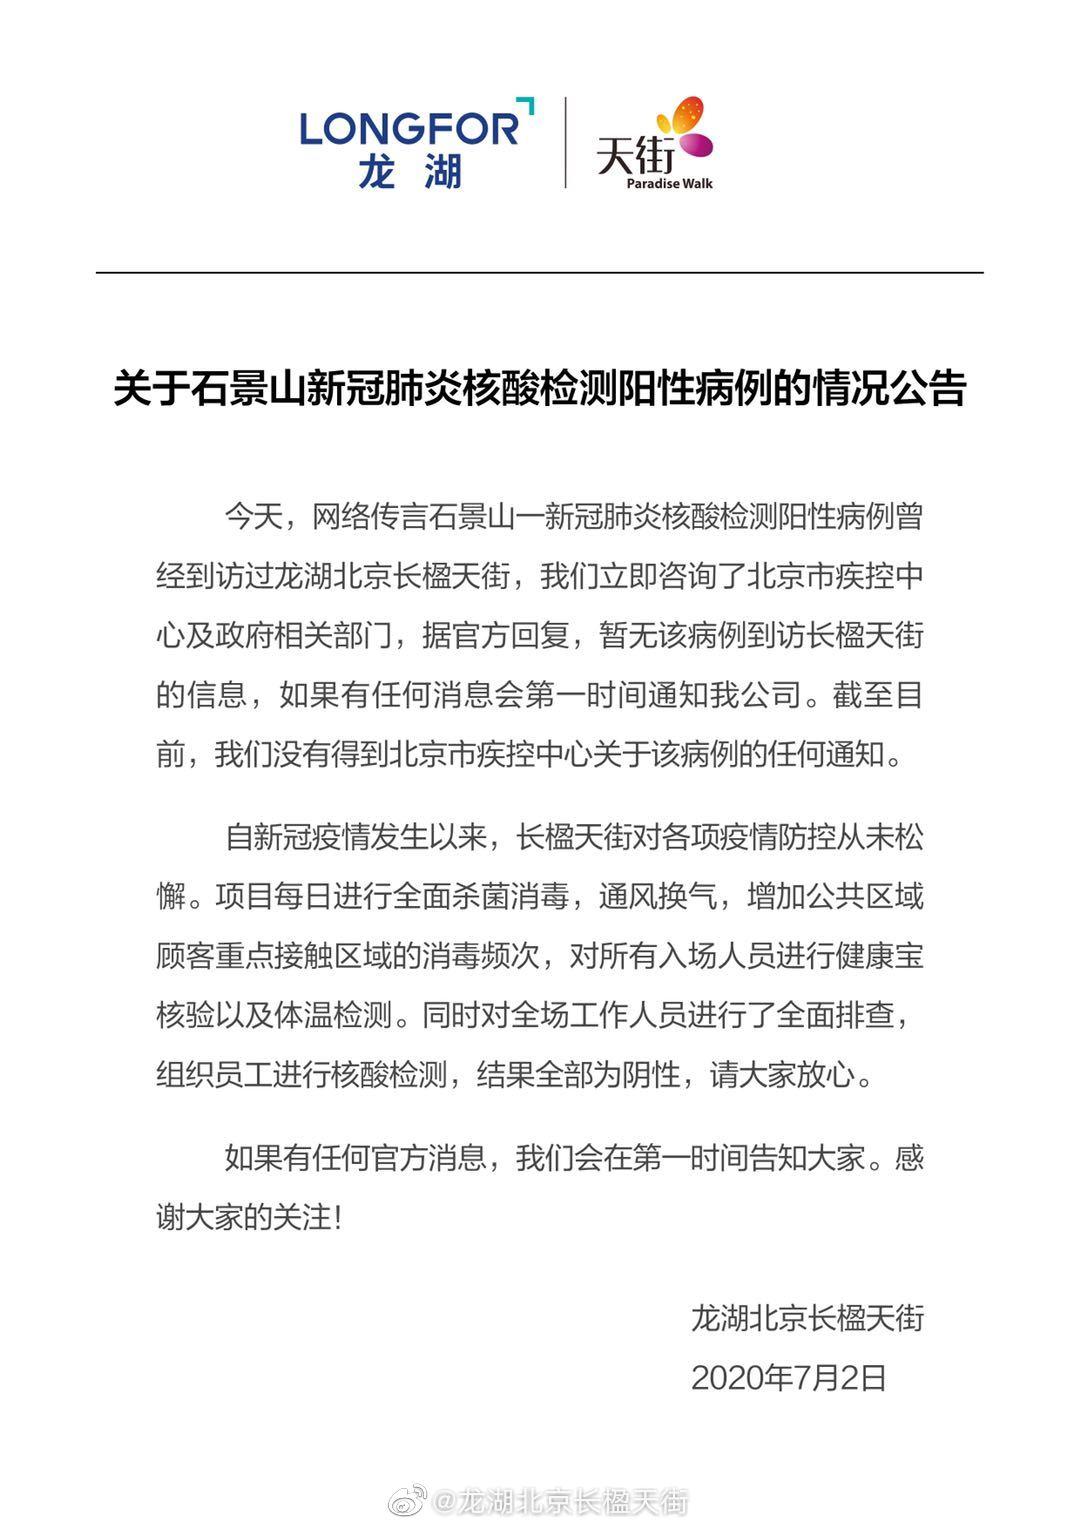 摩天注册,湖北京长楹天街疾控部摩天注册门暂无石景图片